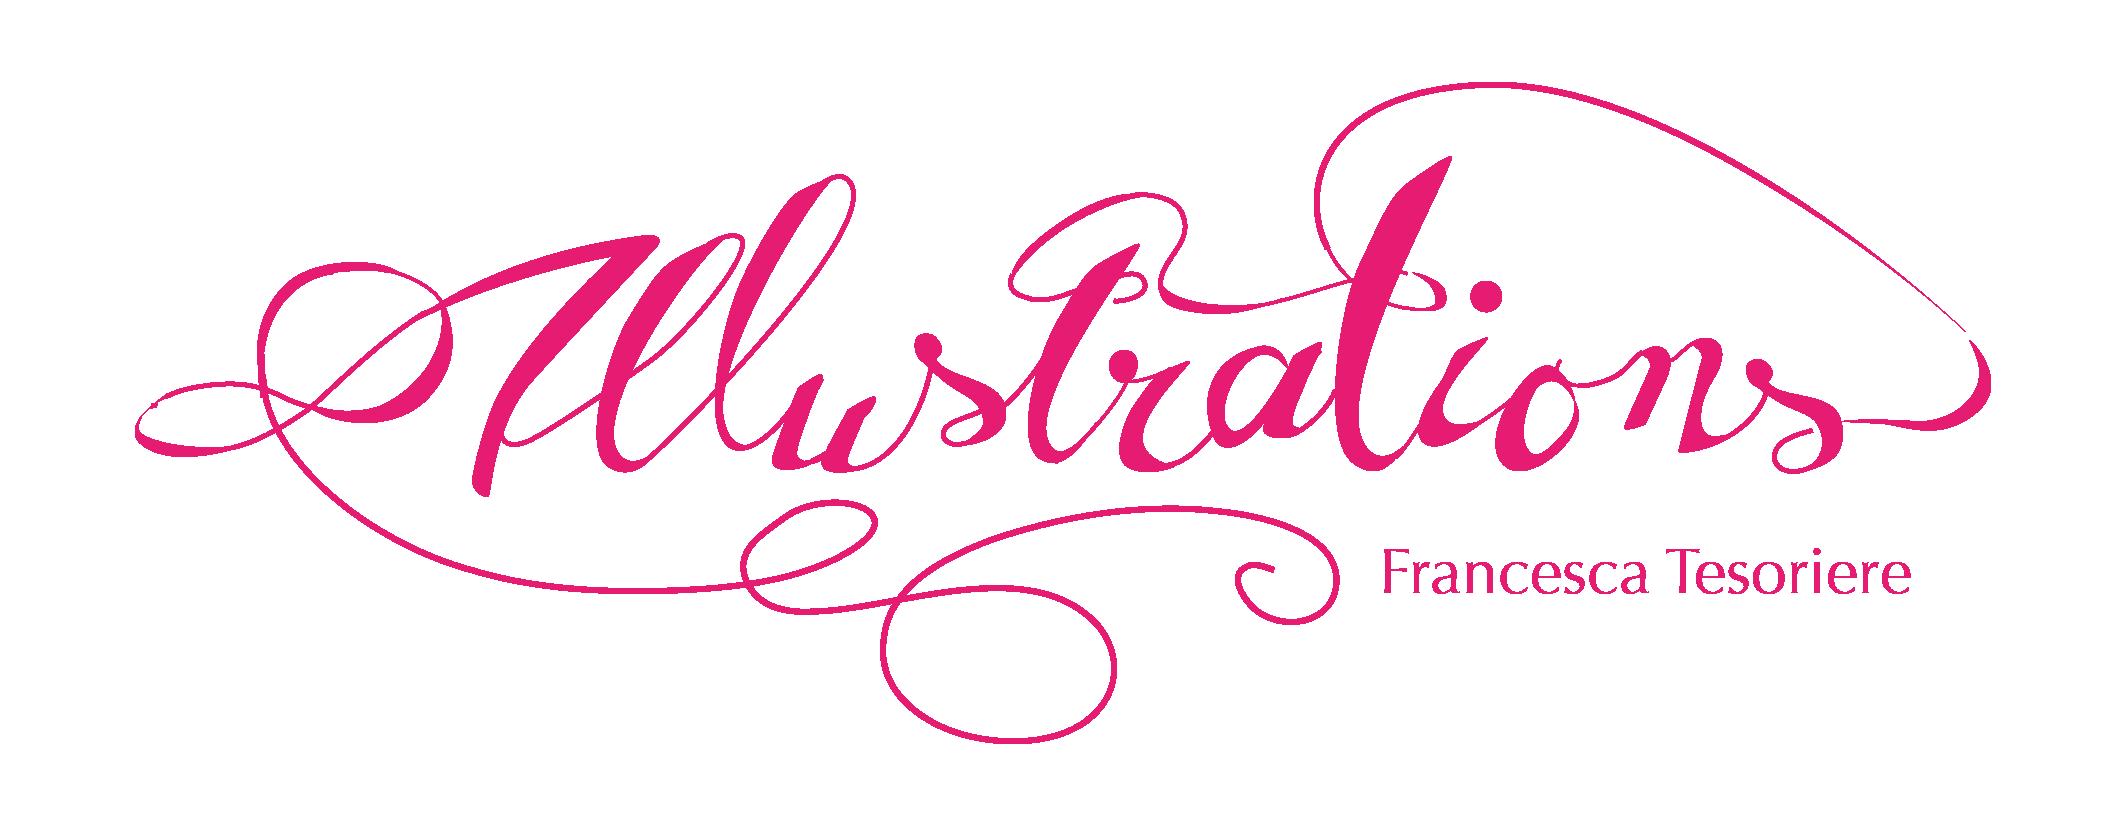 Francesca Tesoriere Signature